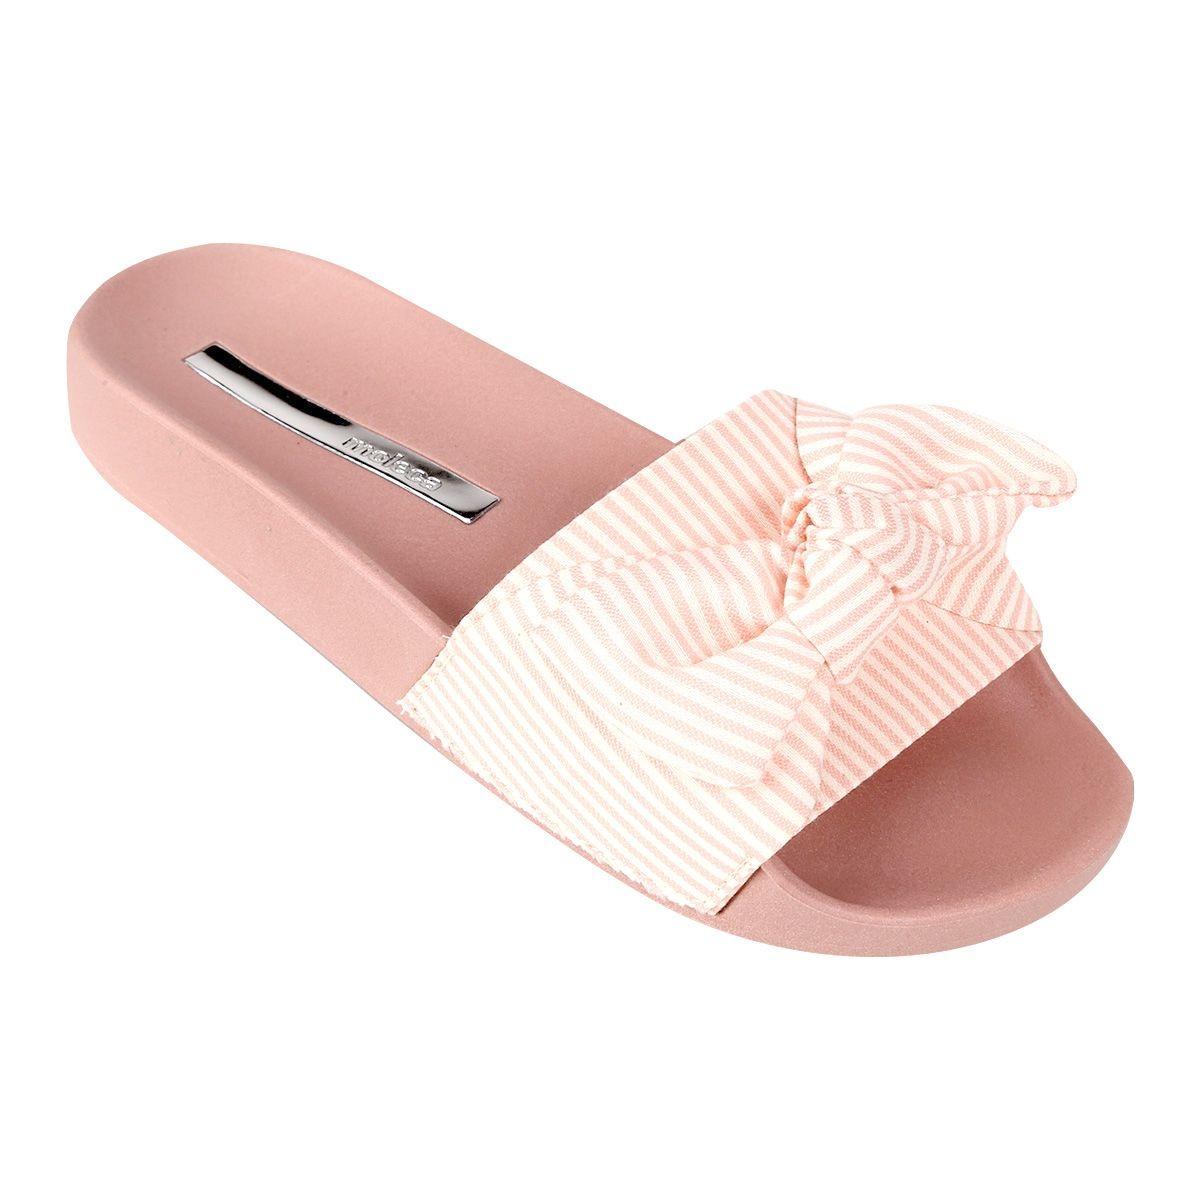 a629e7c473 chinelo slider feminino moleca de laço listrado rosa. Carregando zoom.